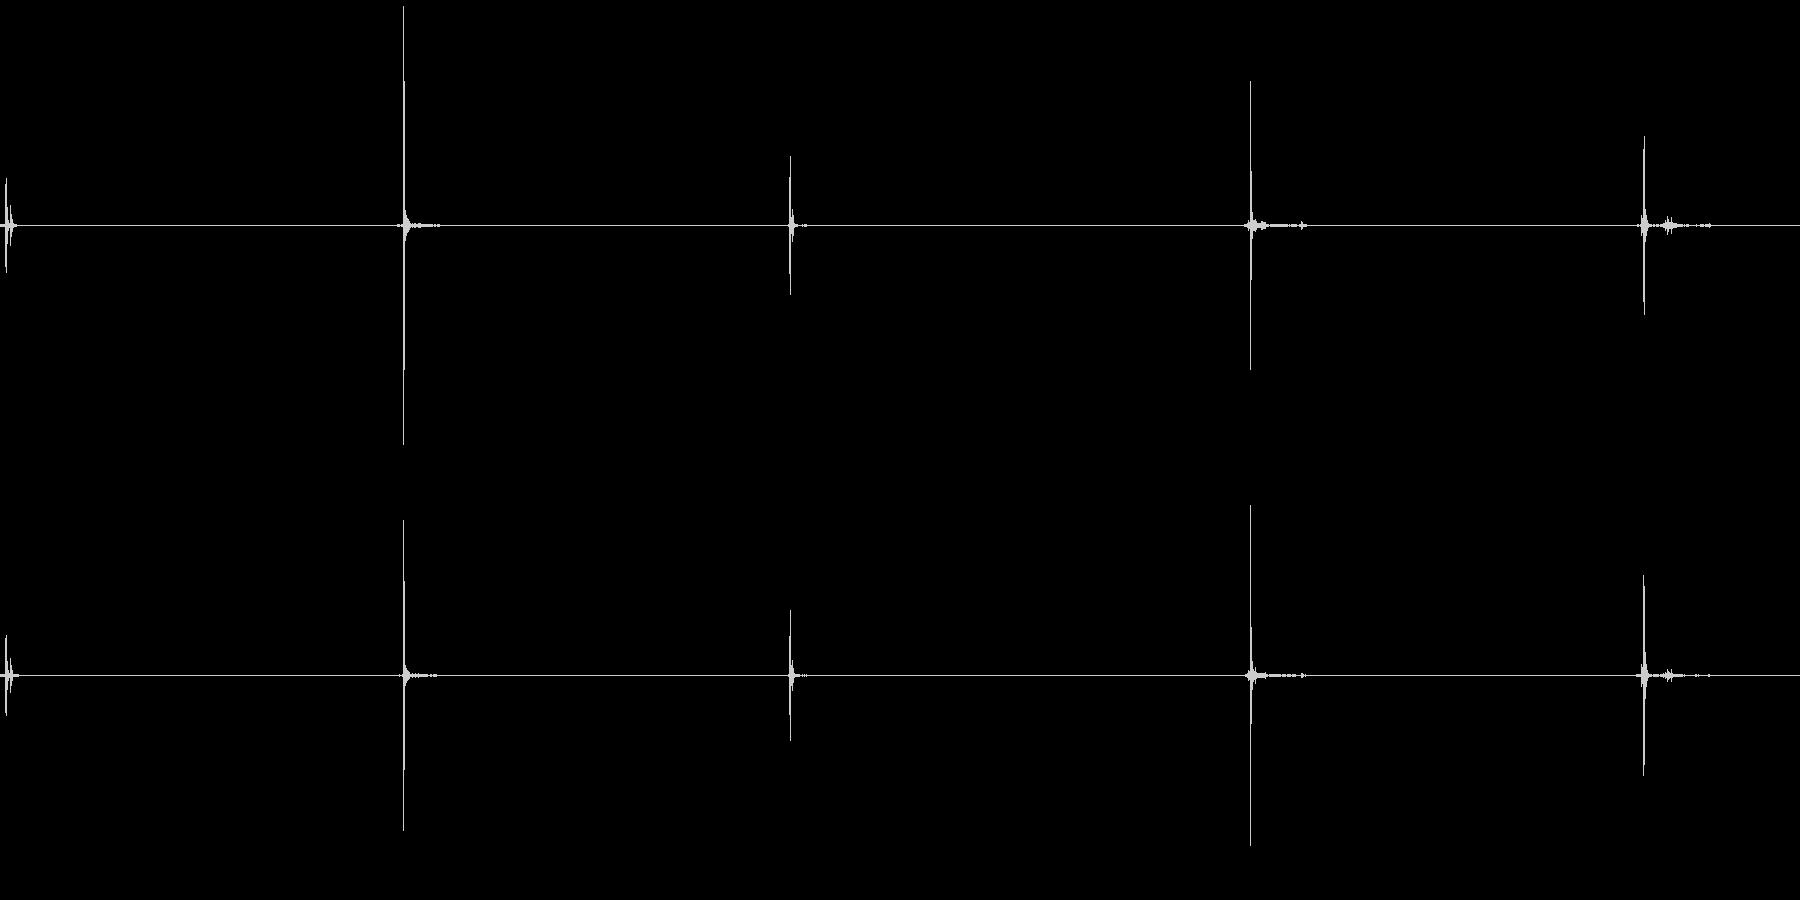 クリケット、グローブ、5つのバージ...の未再生の波形